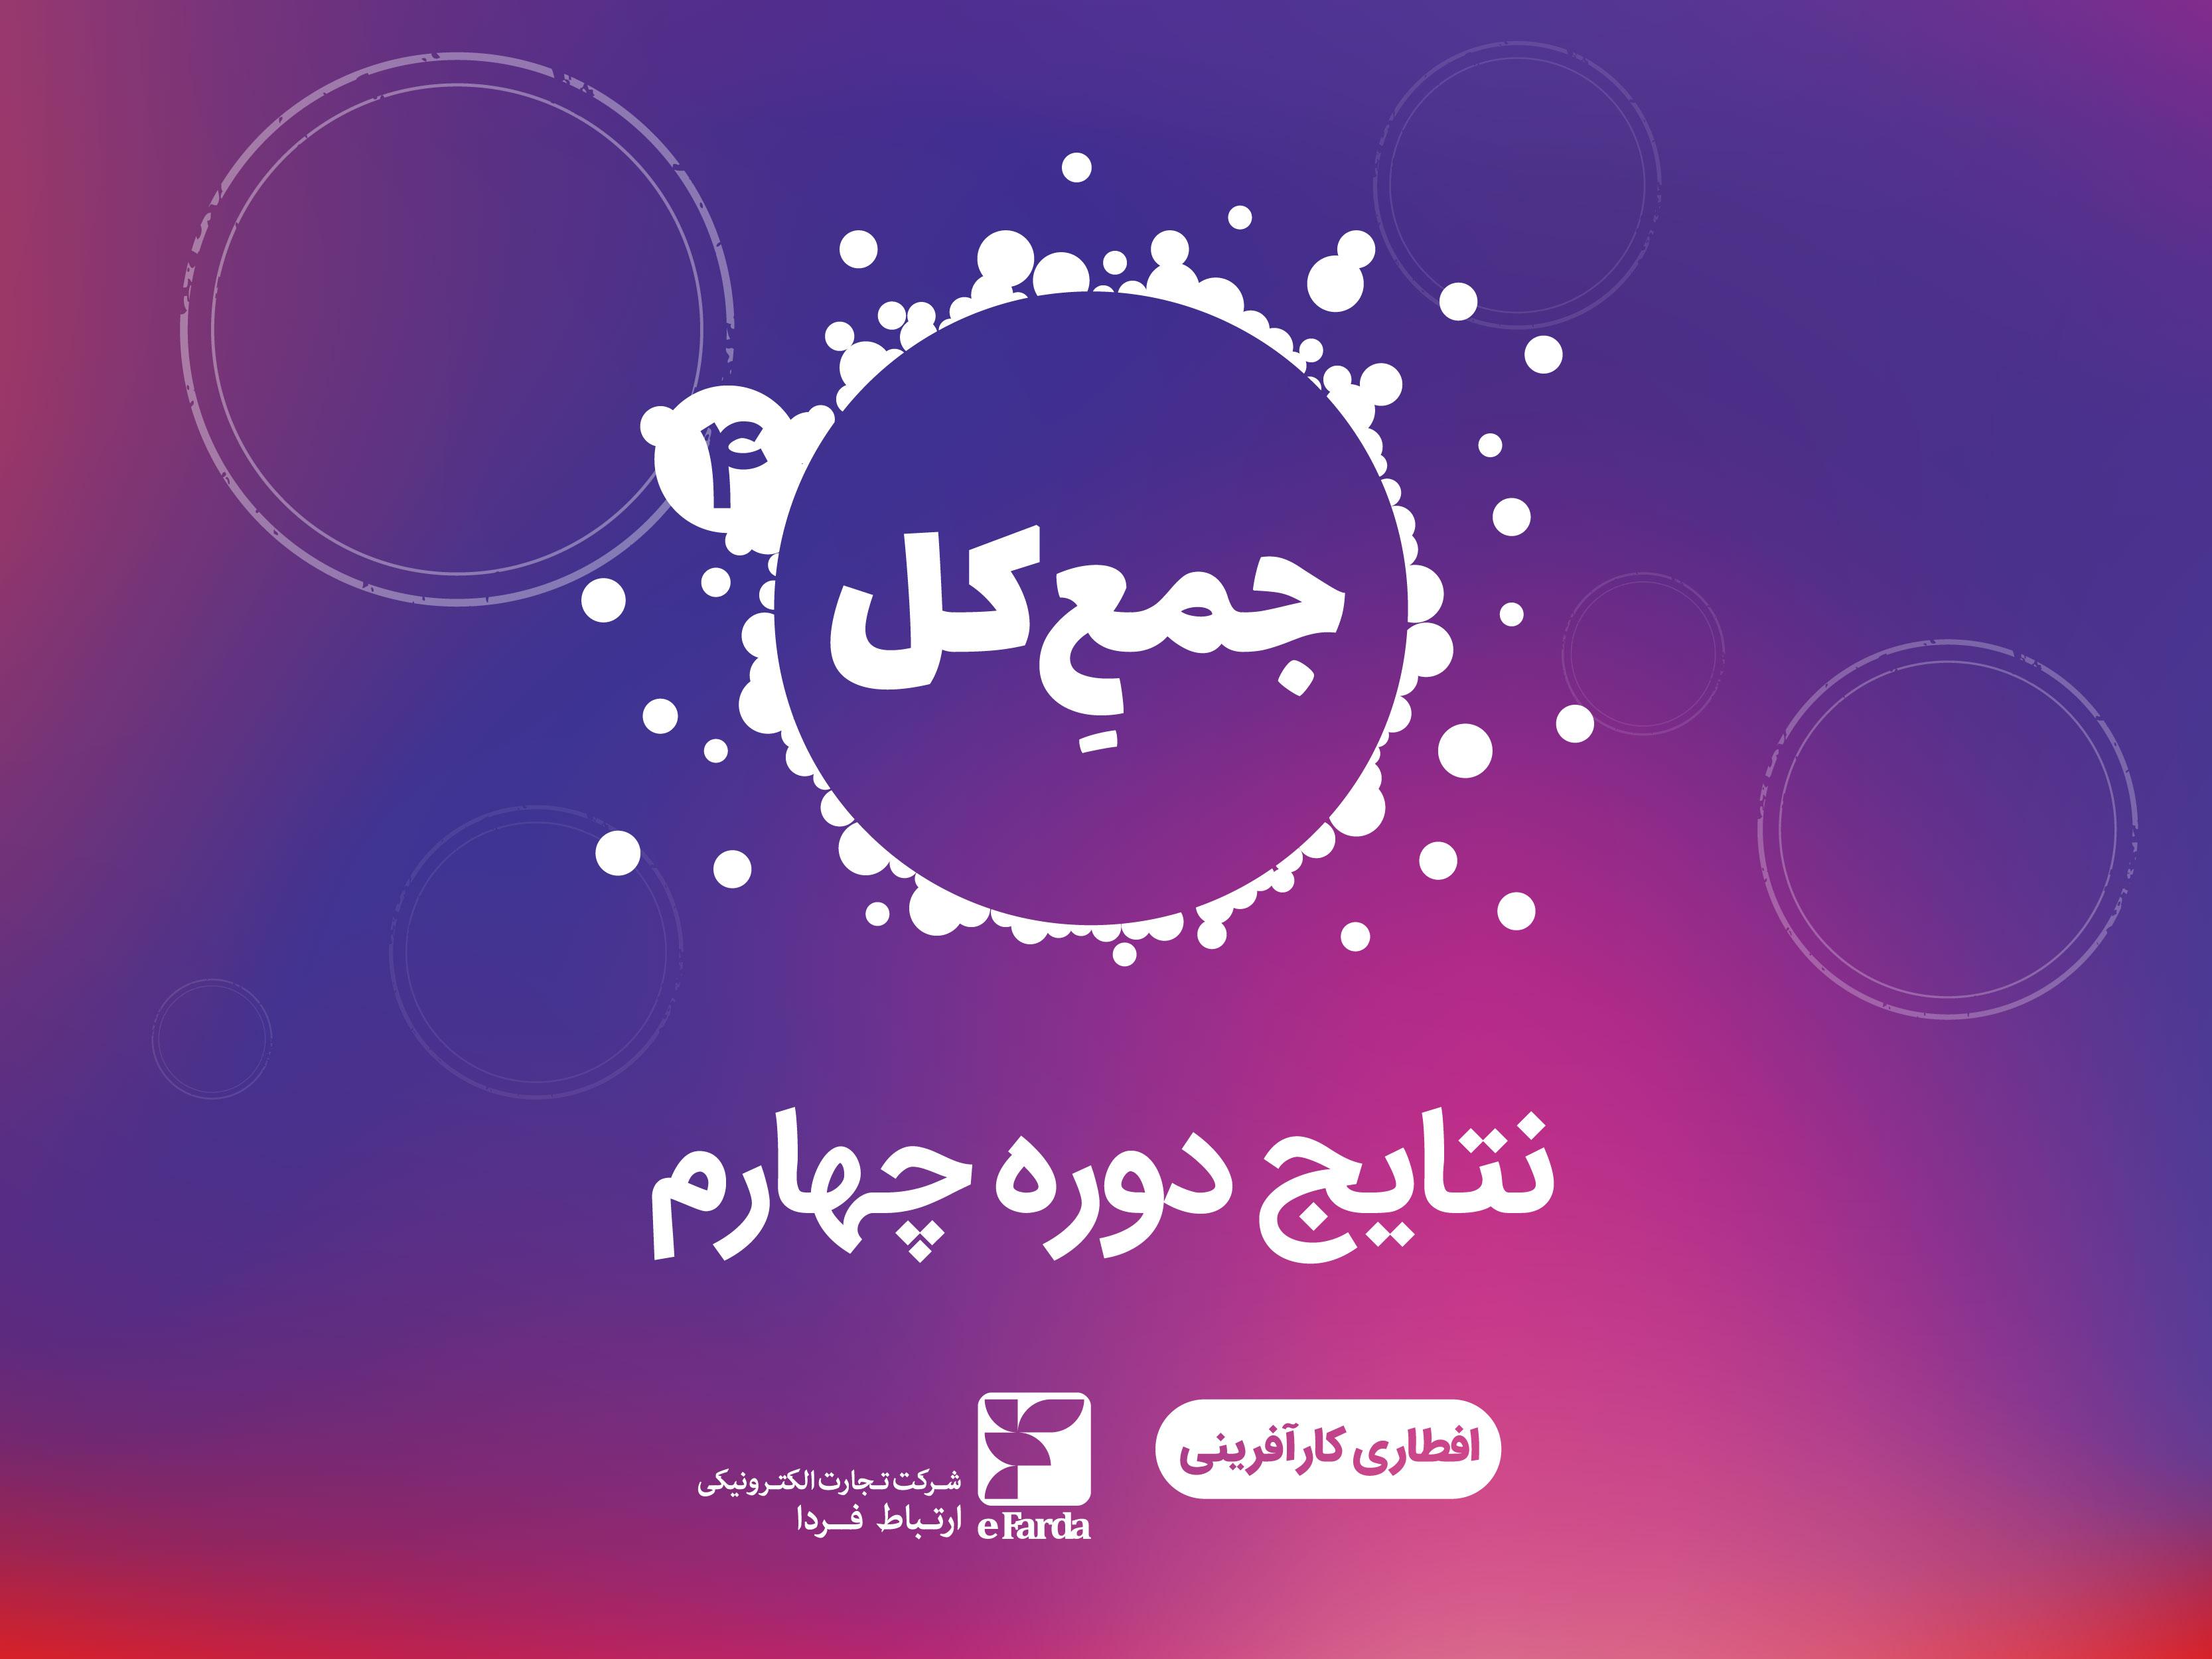 نظرات فعالان اکوسیستم کارآفرینی مشهد را در جمعکل4 ببینید